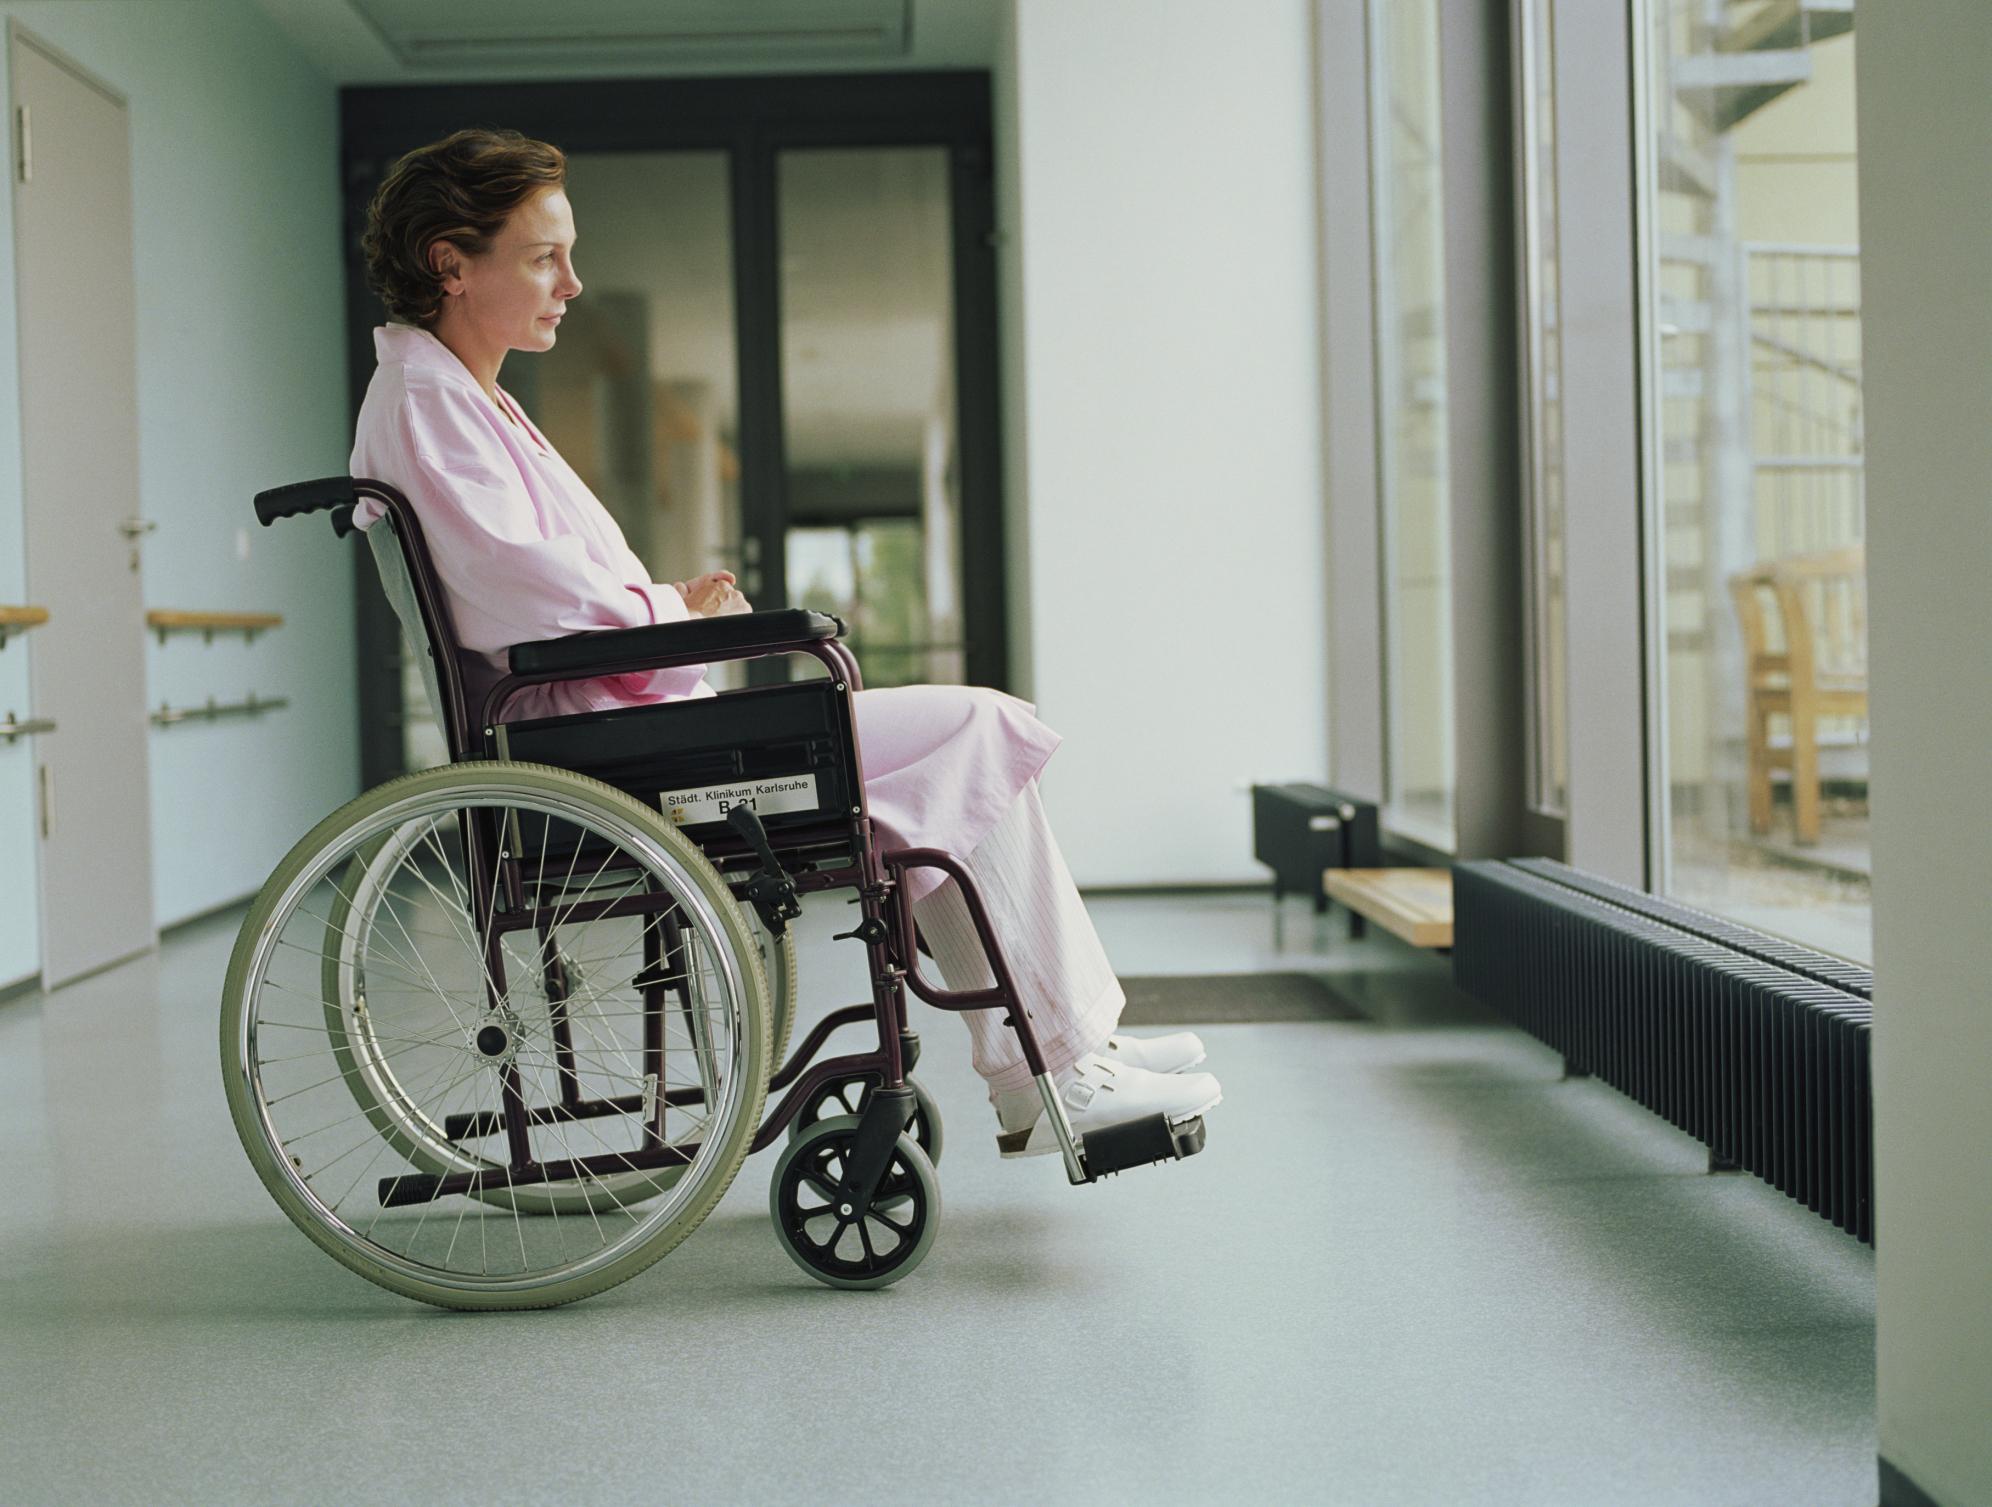 Инвалидность при болезни Бехтерева, какую группу инвалидности дают при болезни Бехтерева